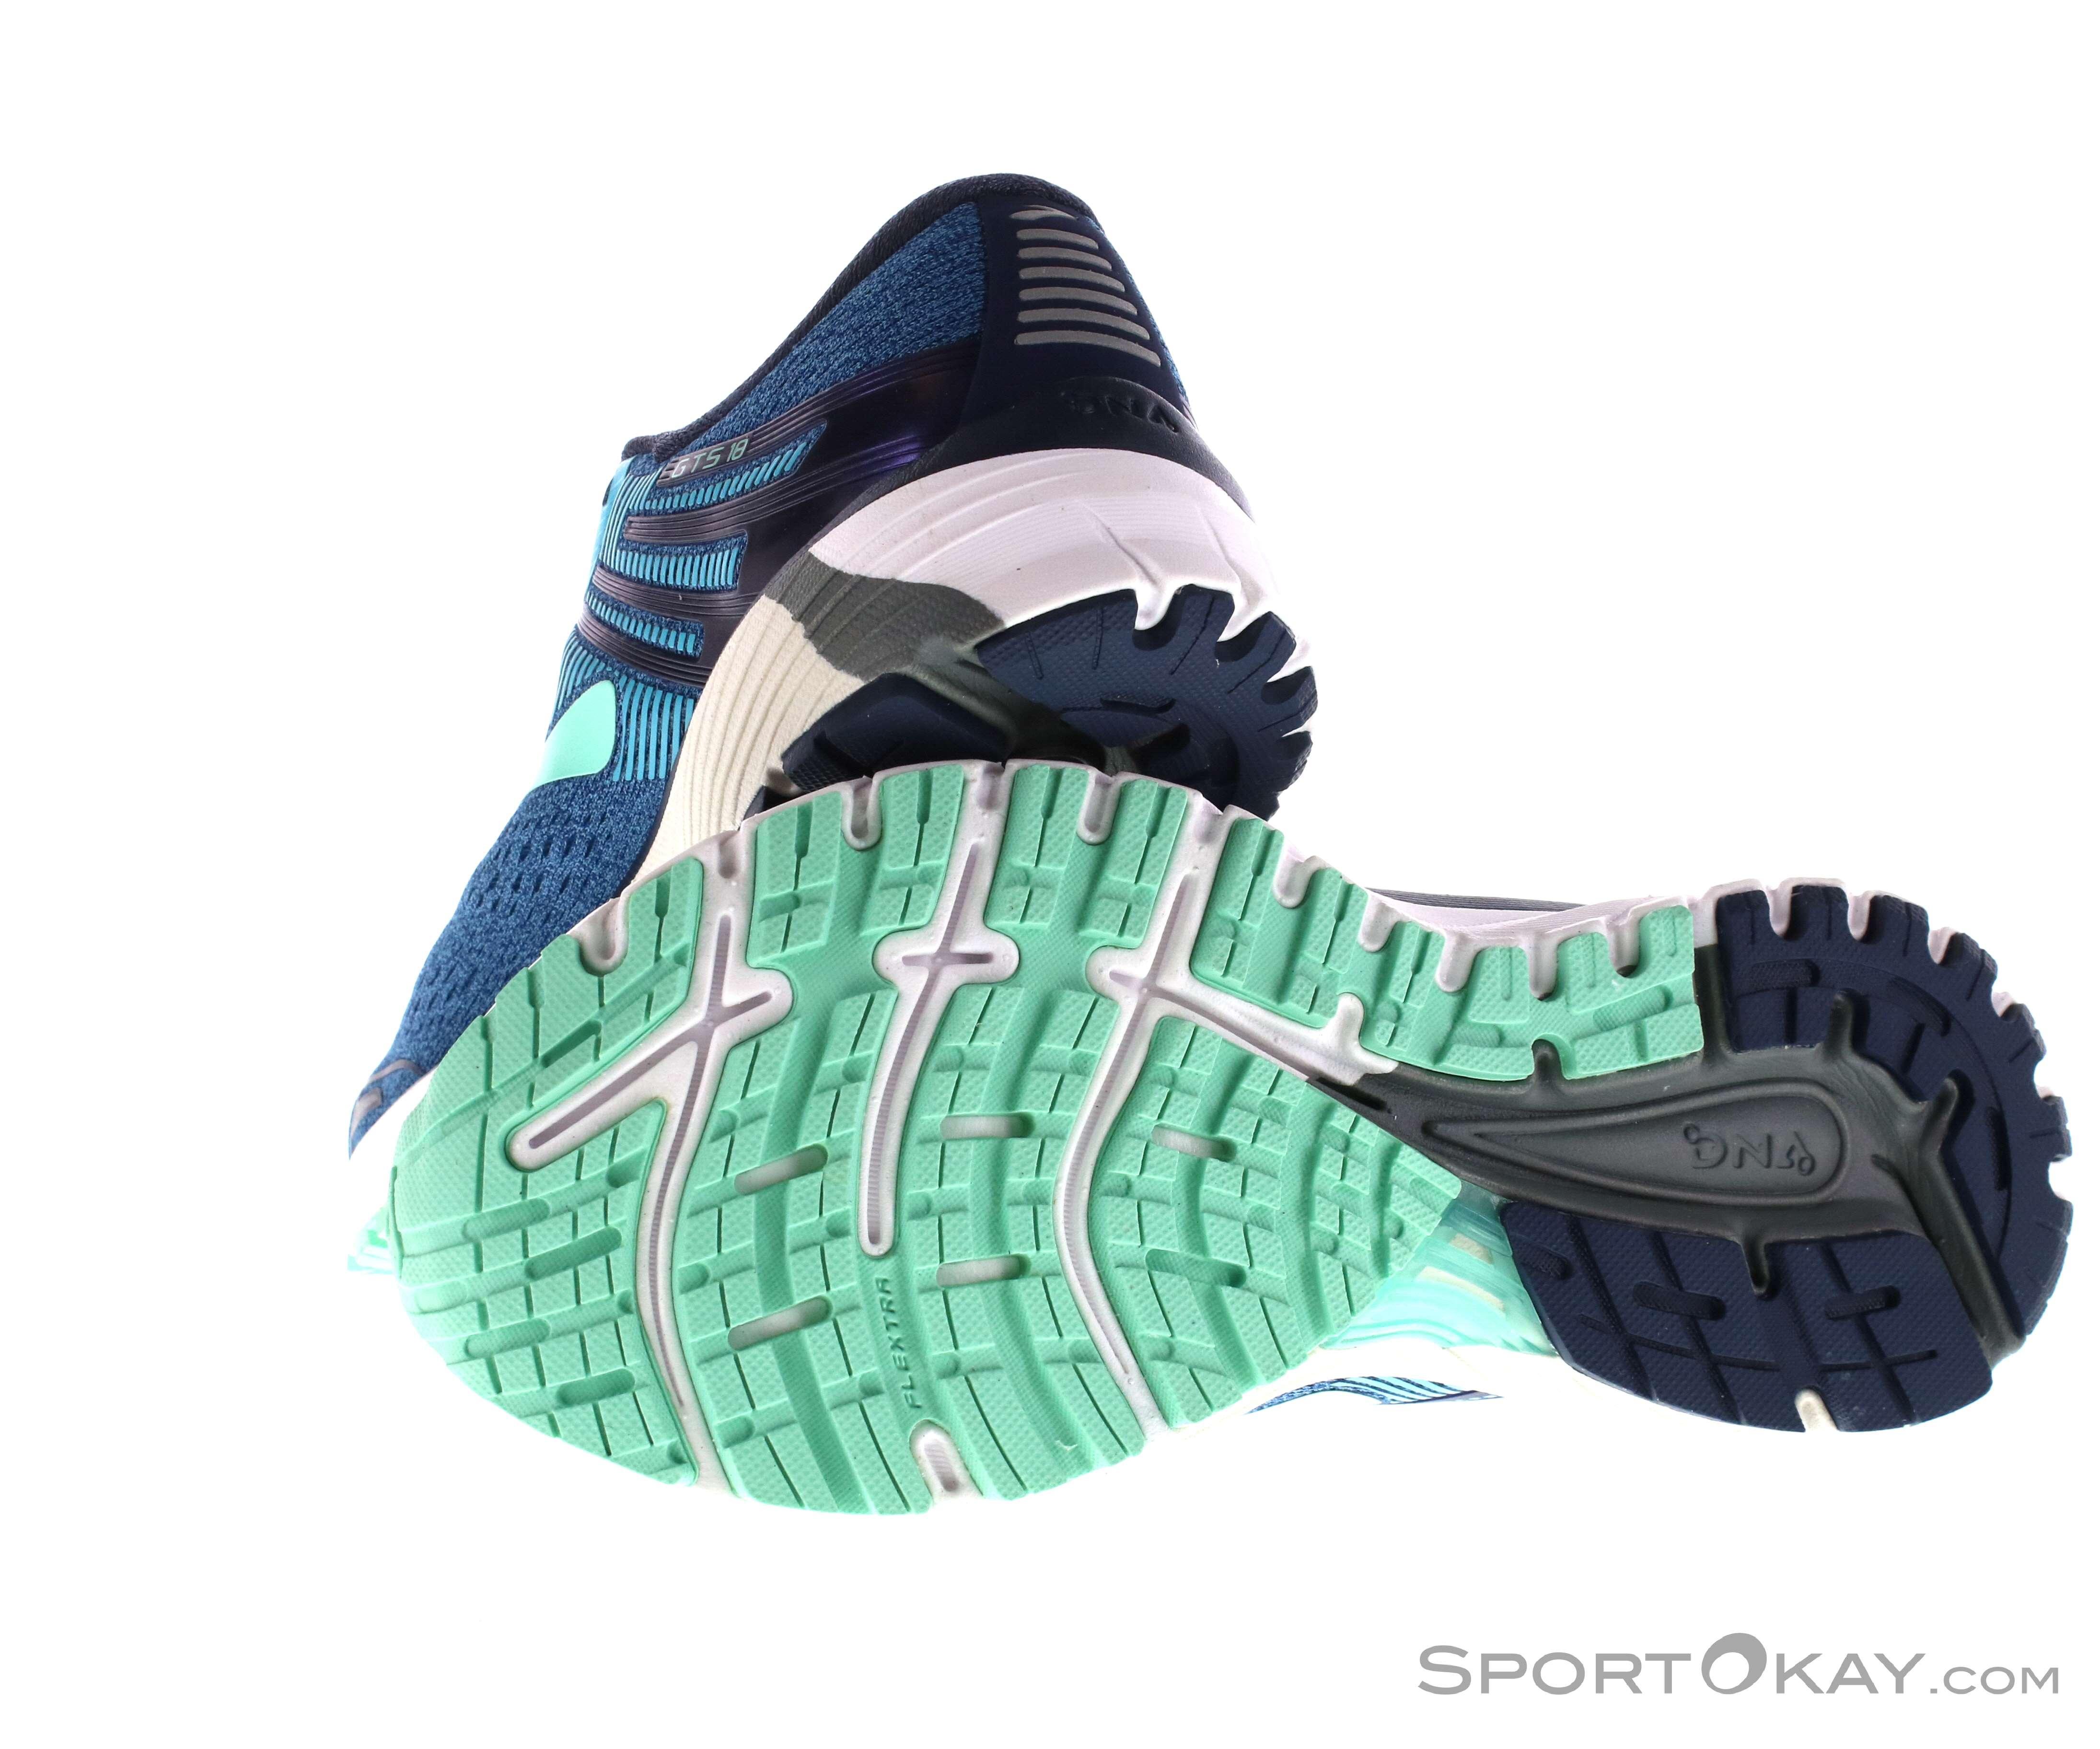 617e3a1a3f3 Brooks Adrenaline GTS 18 Damen Laufschuhe - Straßenlaufschuhe ...